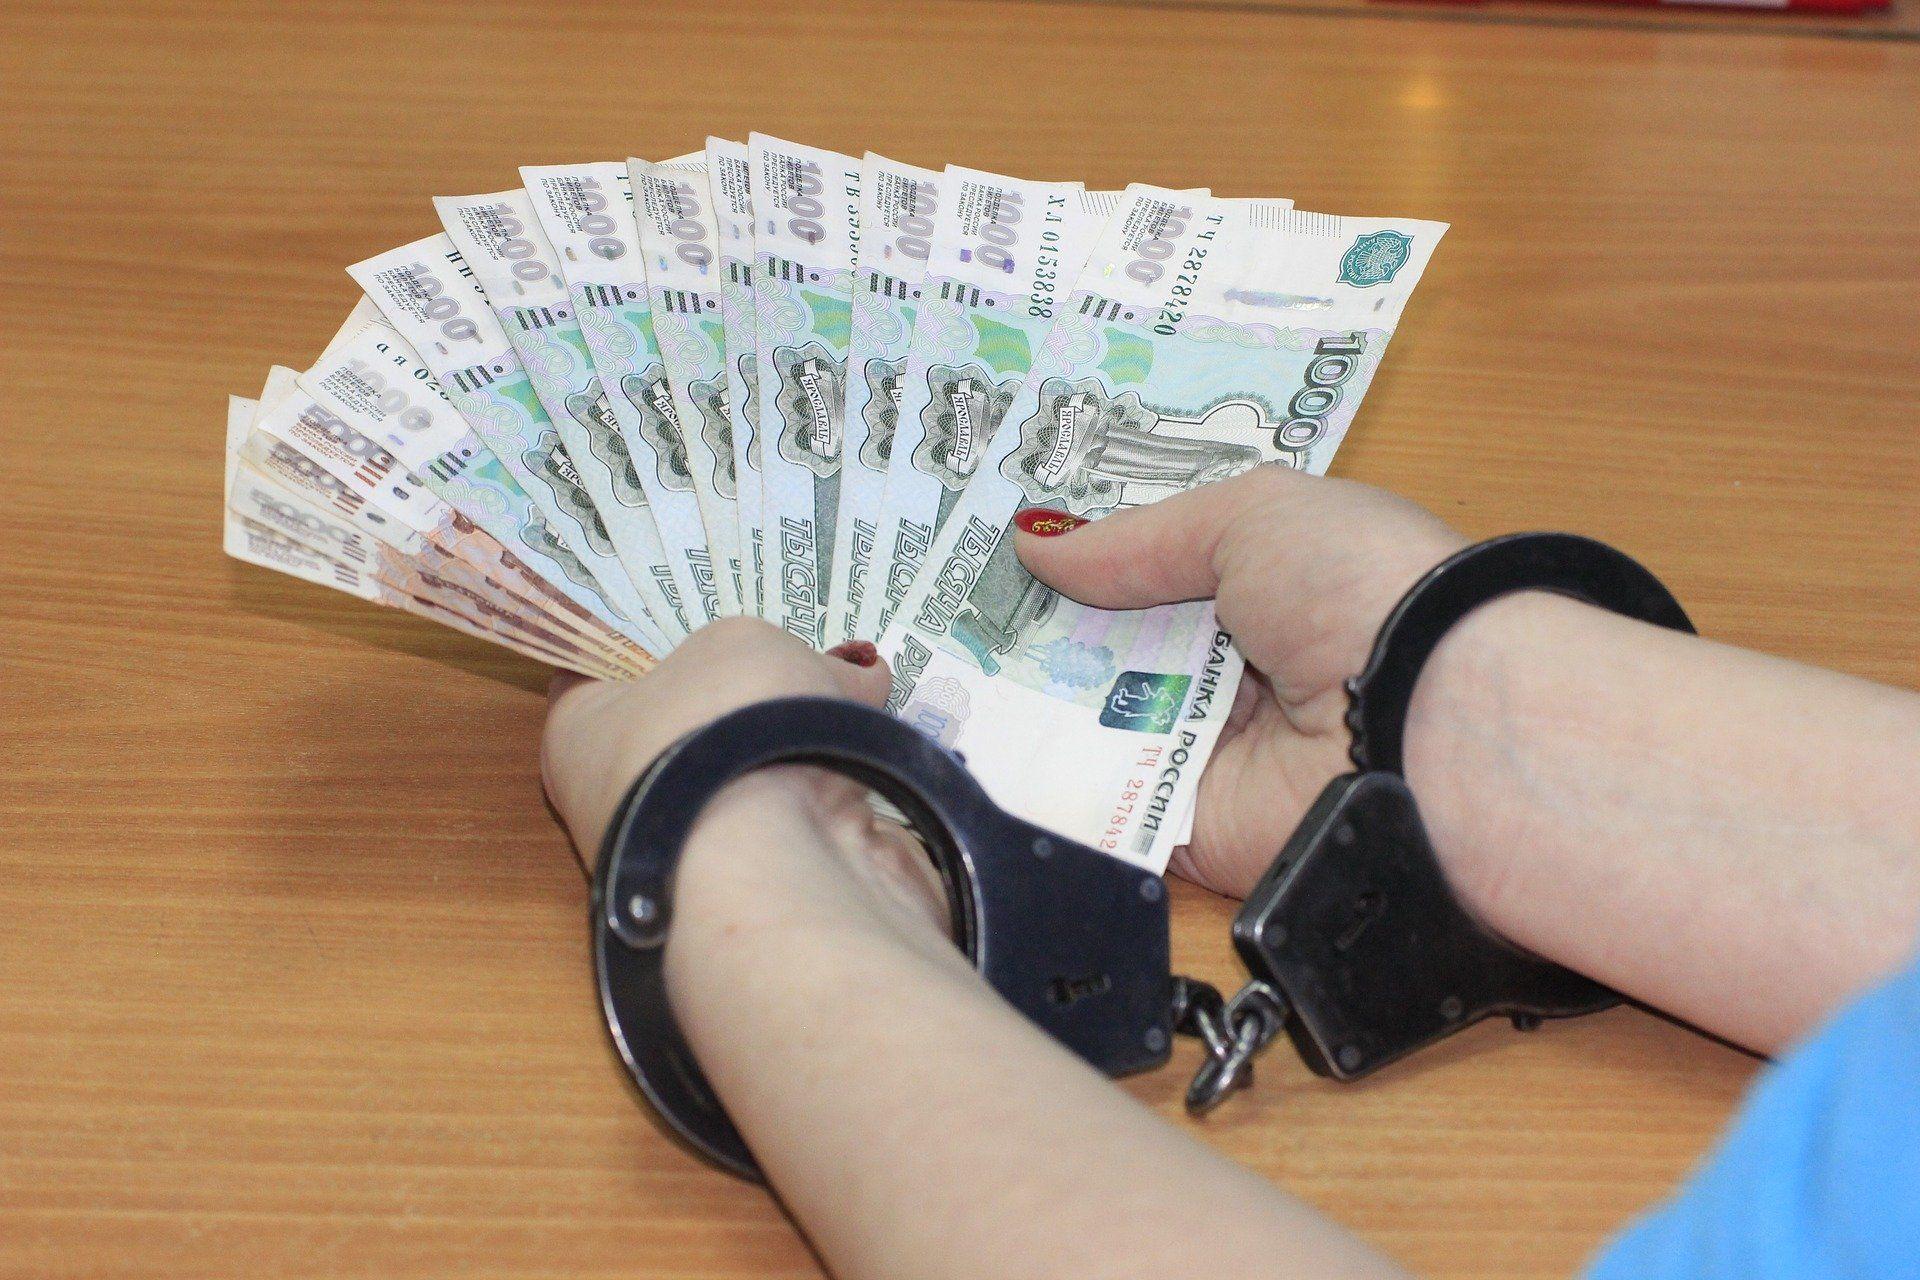 В Новороссийске уборщица «обчистила» шкаф клиента на 800 тысяч рублей